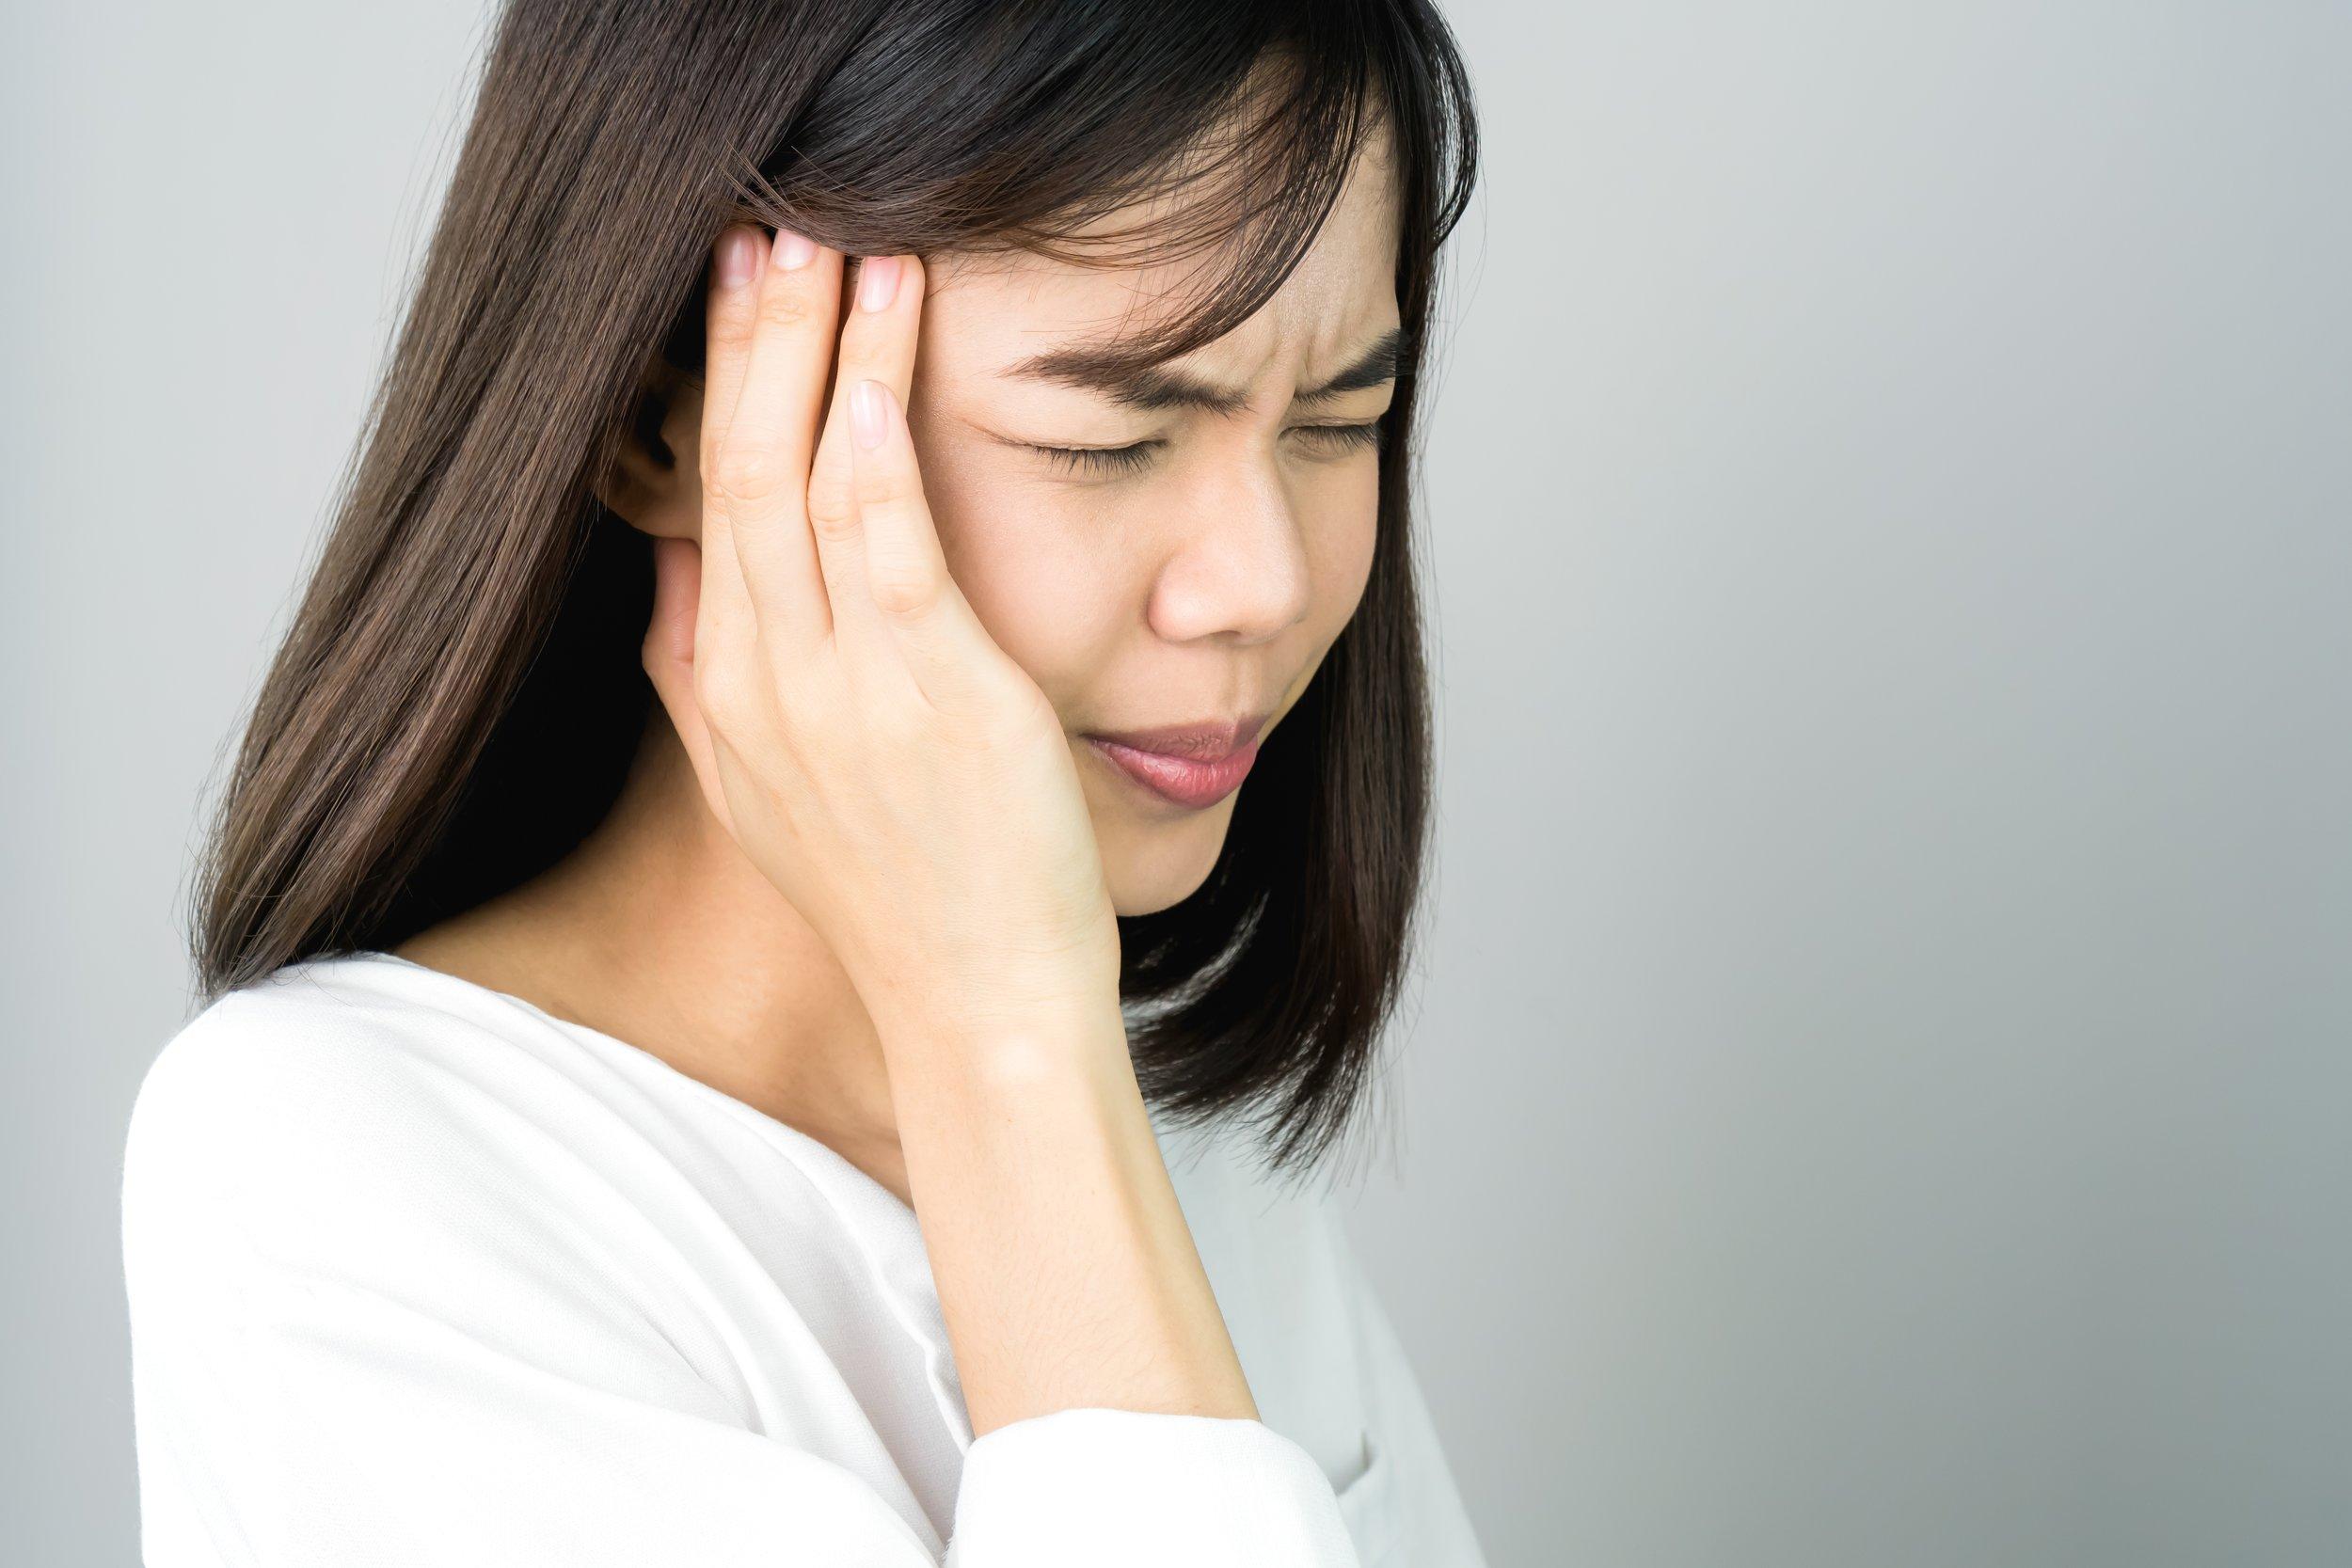 Headaches -